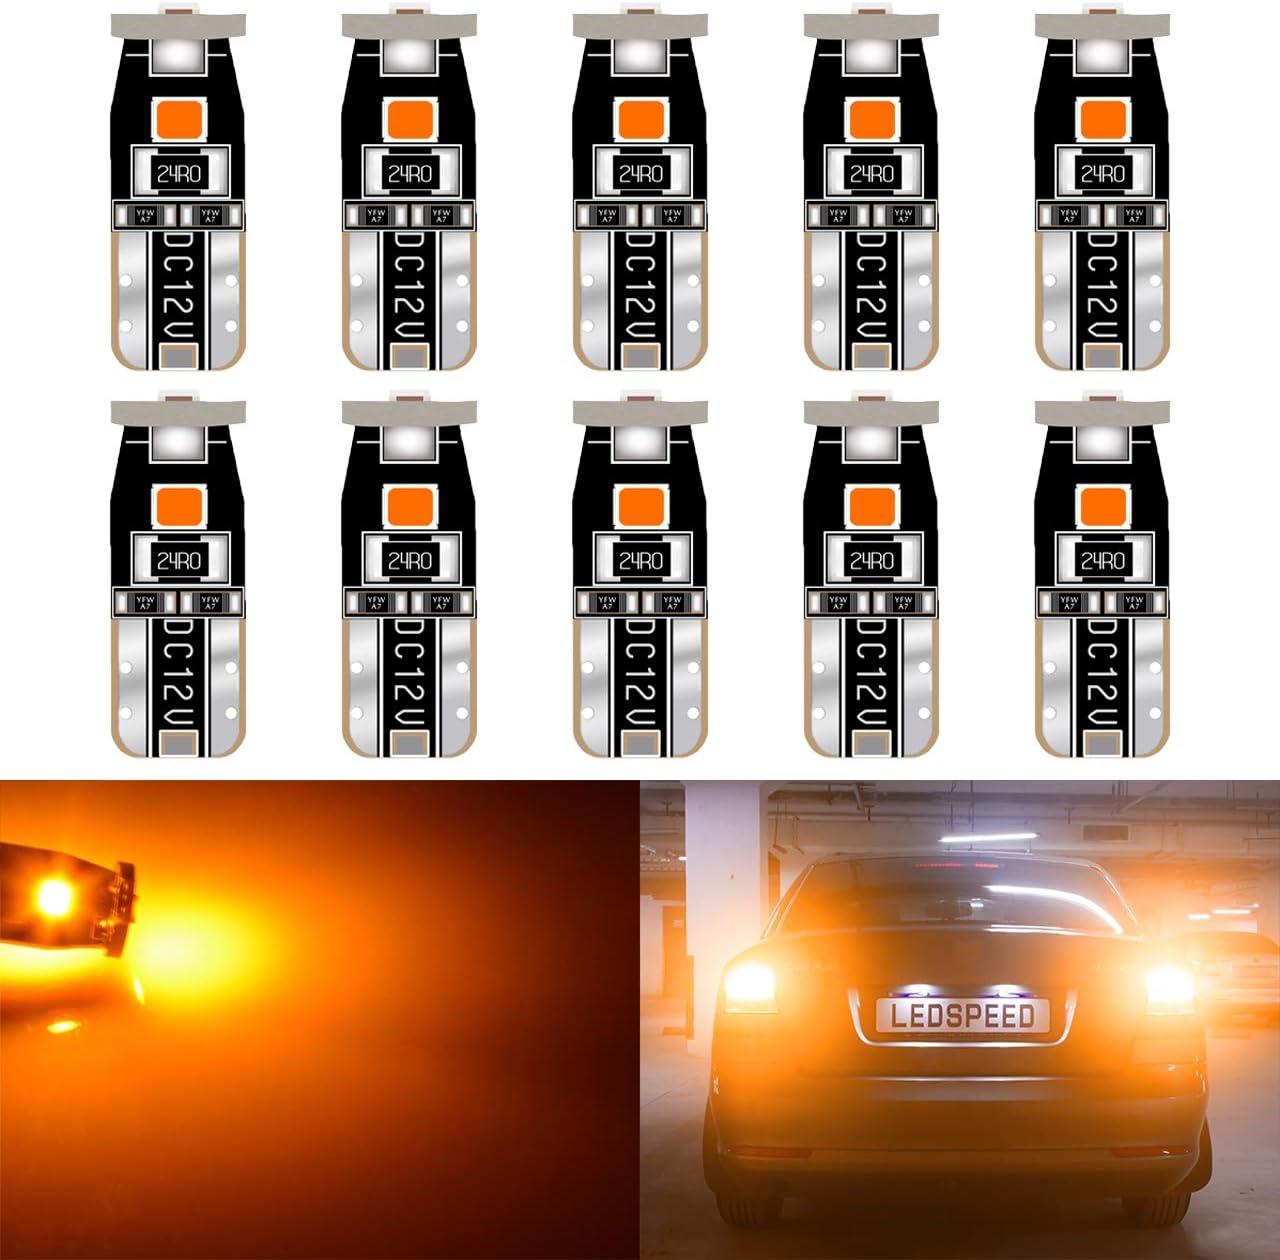 KATUR Extremadamente Brillante 194 Bombillas LED 3030 Chips T10 168 175 192 2825 Cuña Mapa de cúpula del Interior del automóvil Cortesía de la Placa de matrícula Luces 6000K Ámbar 12V (Paquete de 10)